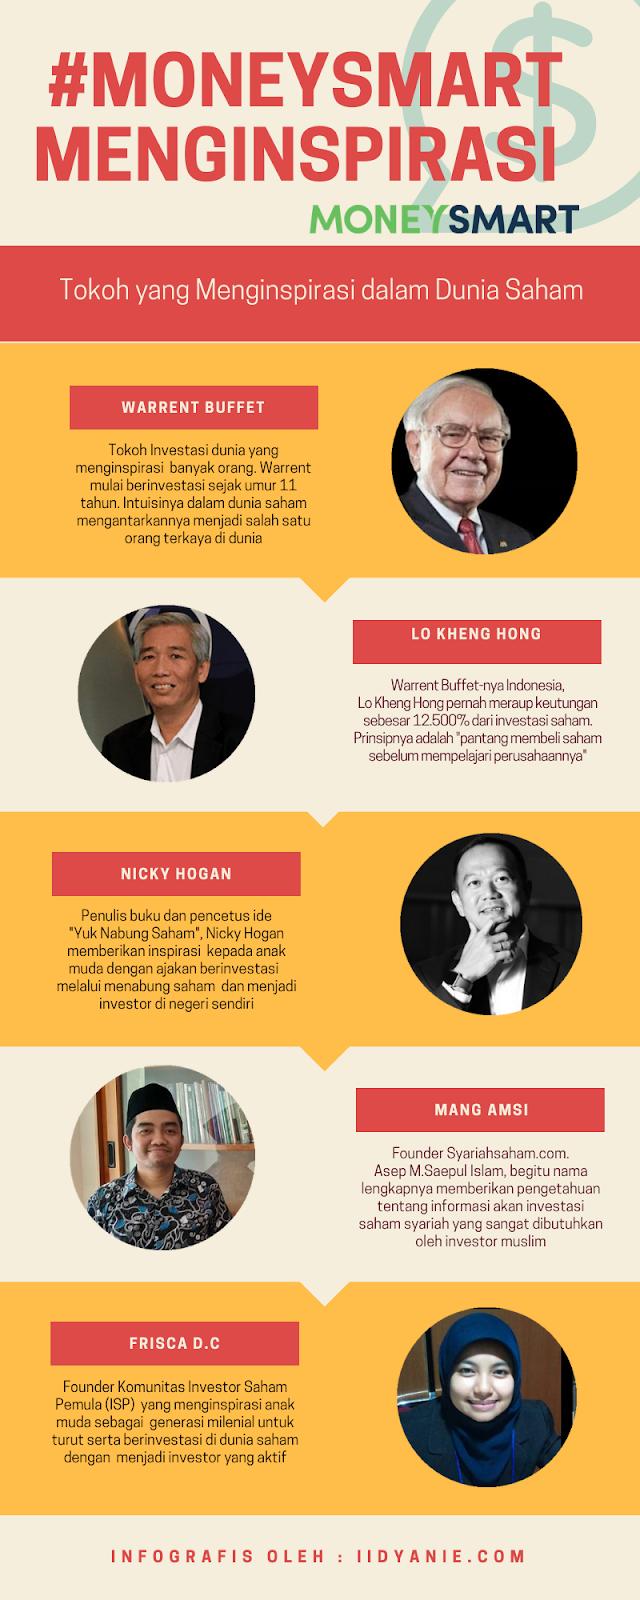 infografis tokoh yang menginspirasi di dunia saham